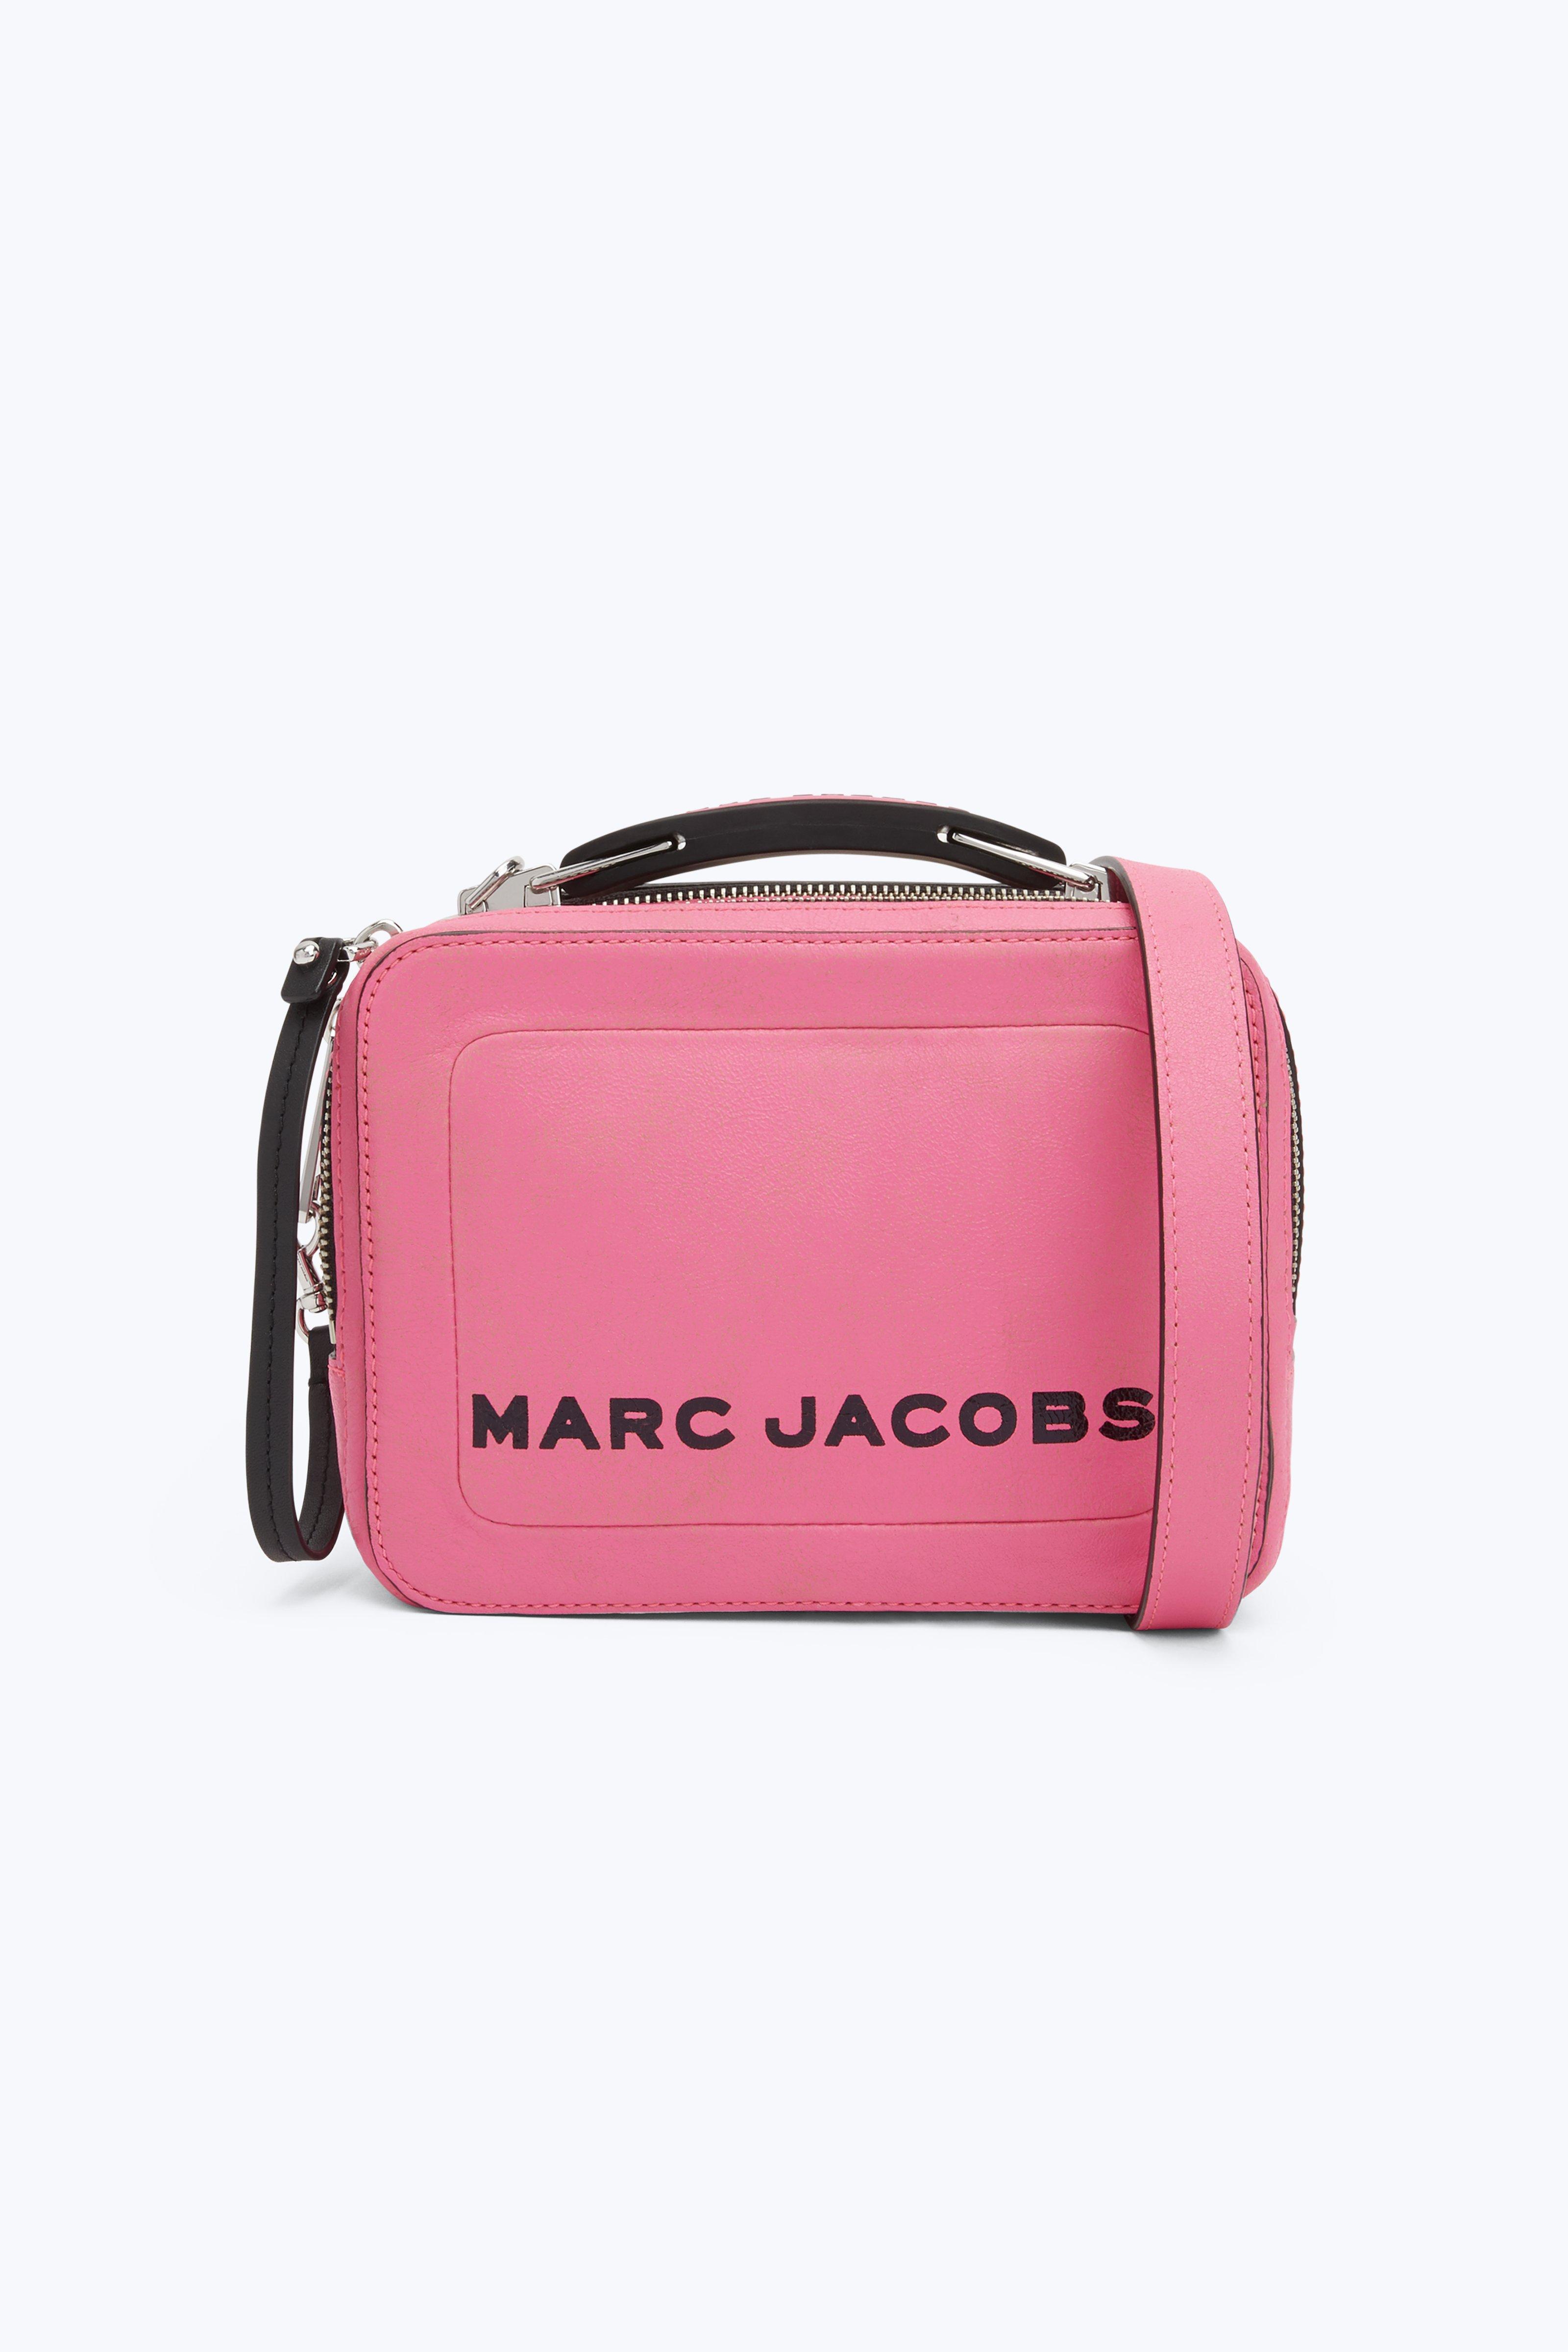 marc jacobs shop online sverige